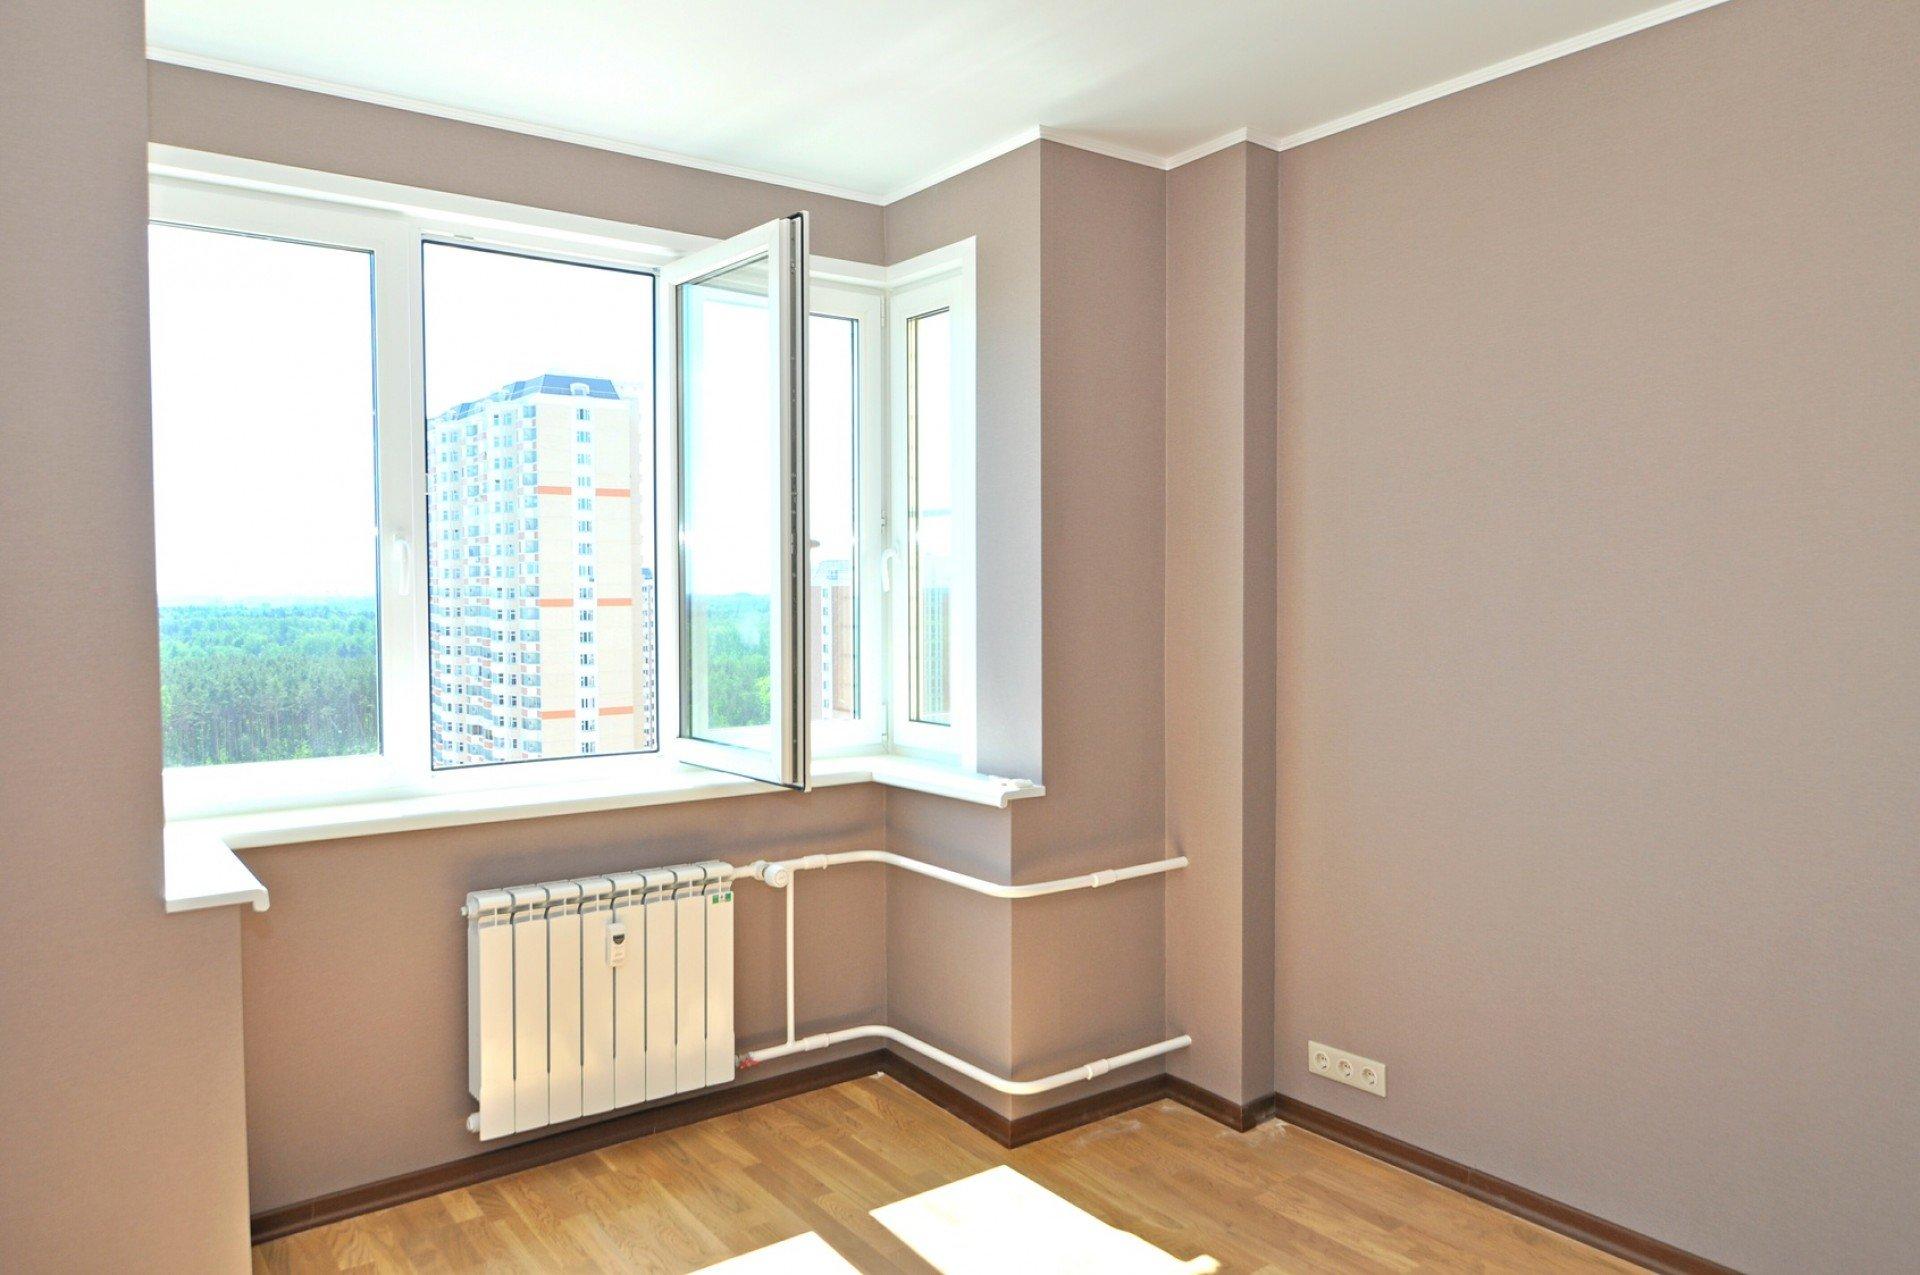 варианты бюджетной отделки квартиры фото сопровождалось выбросом